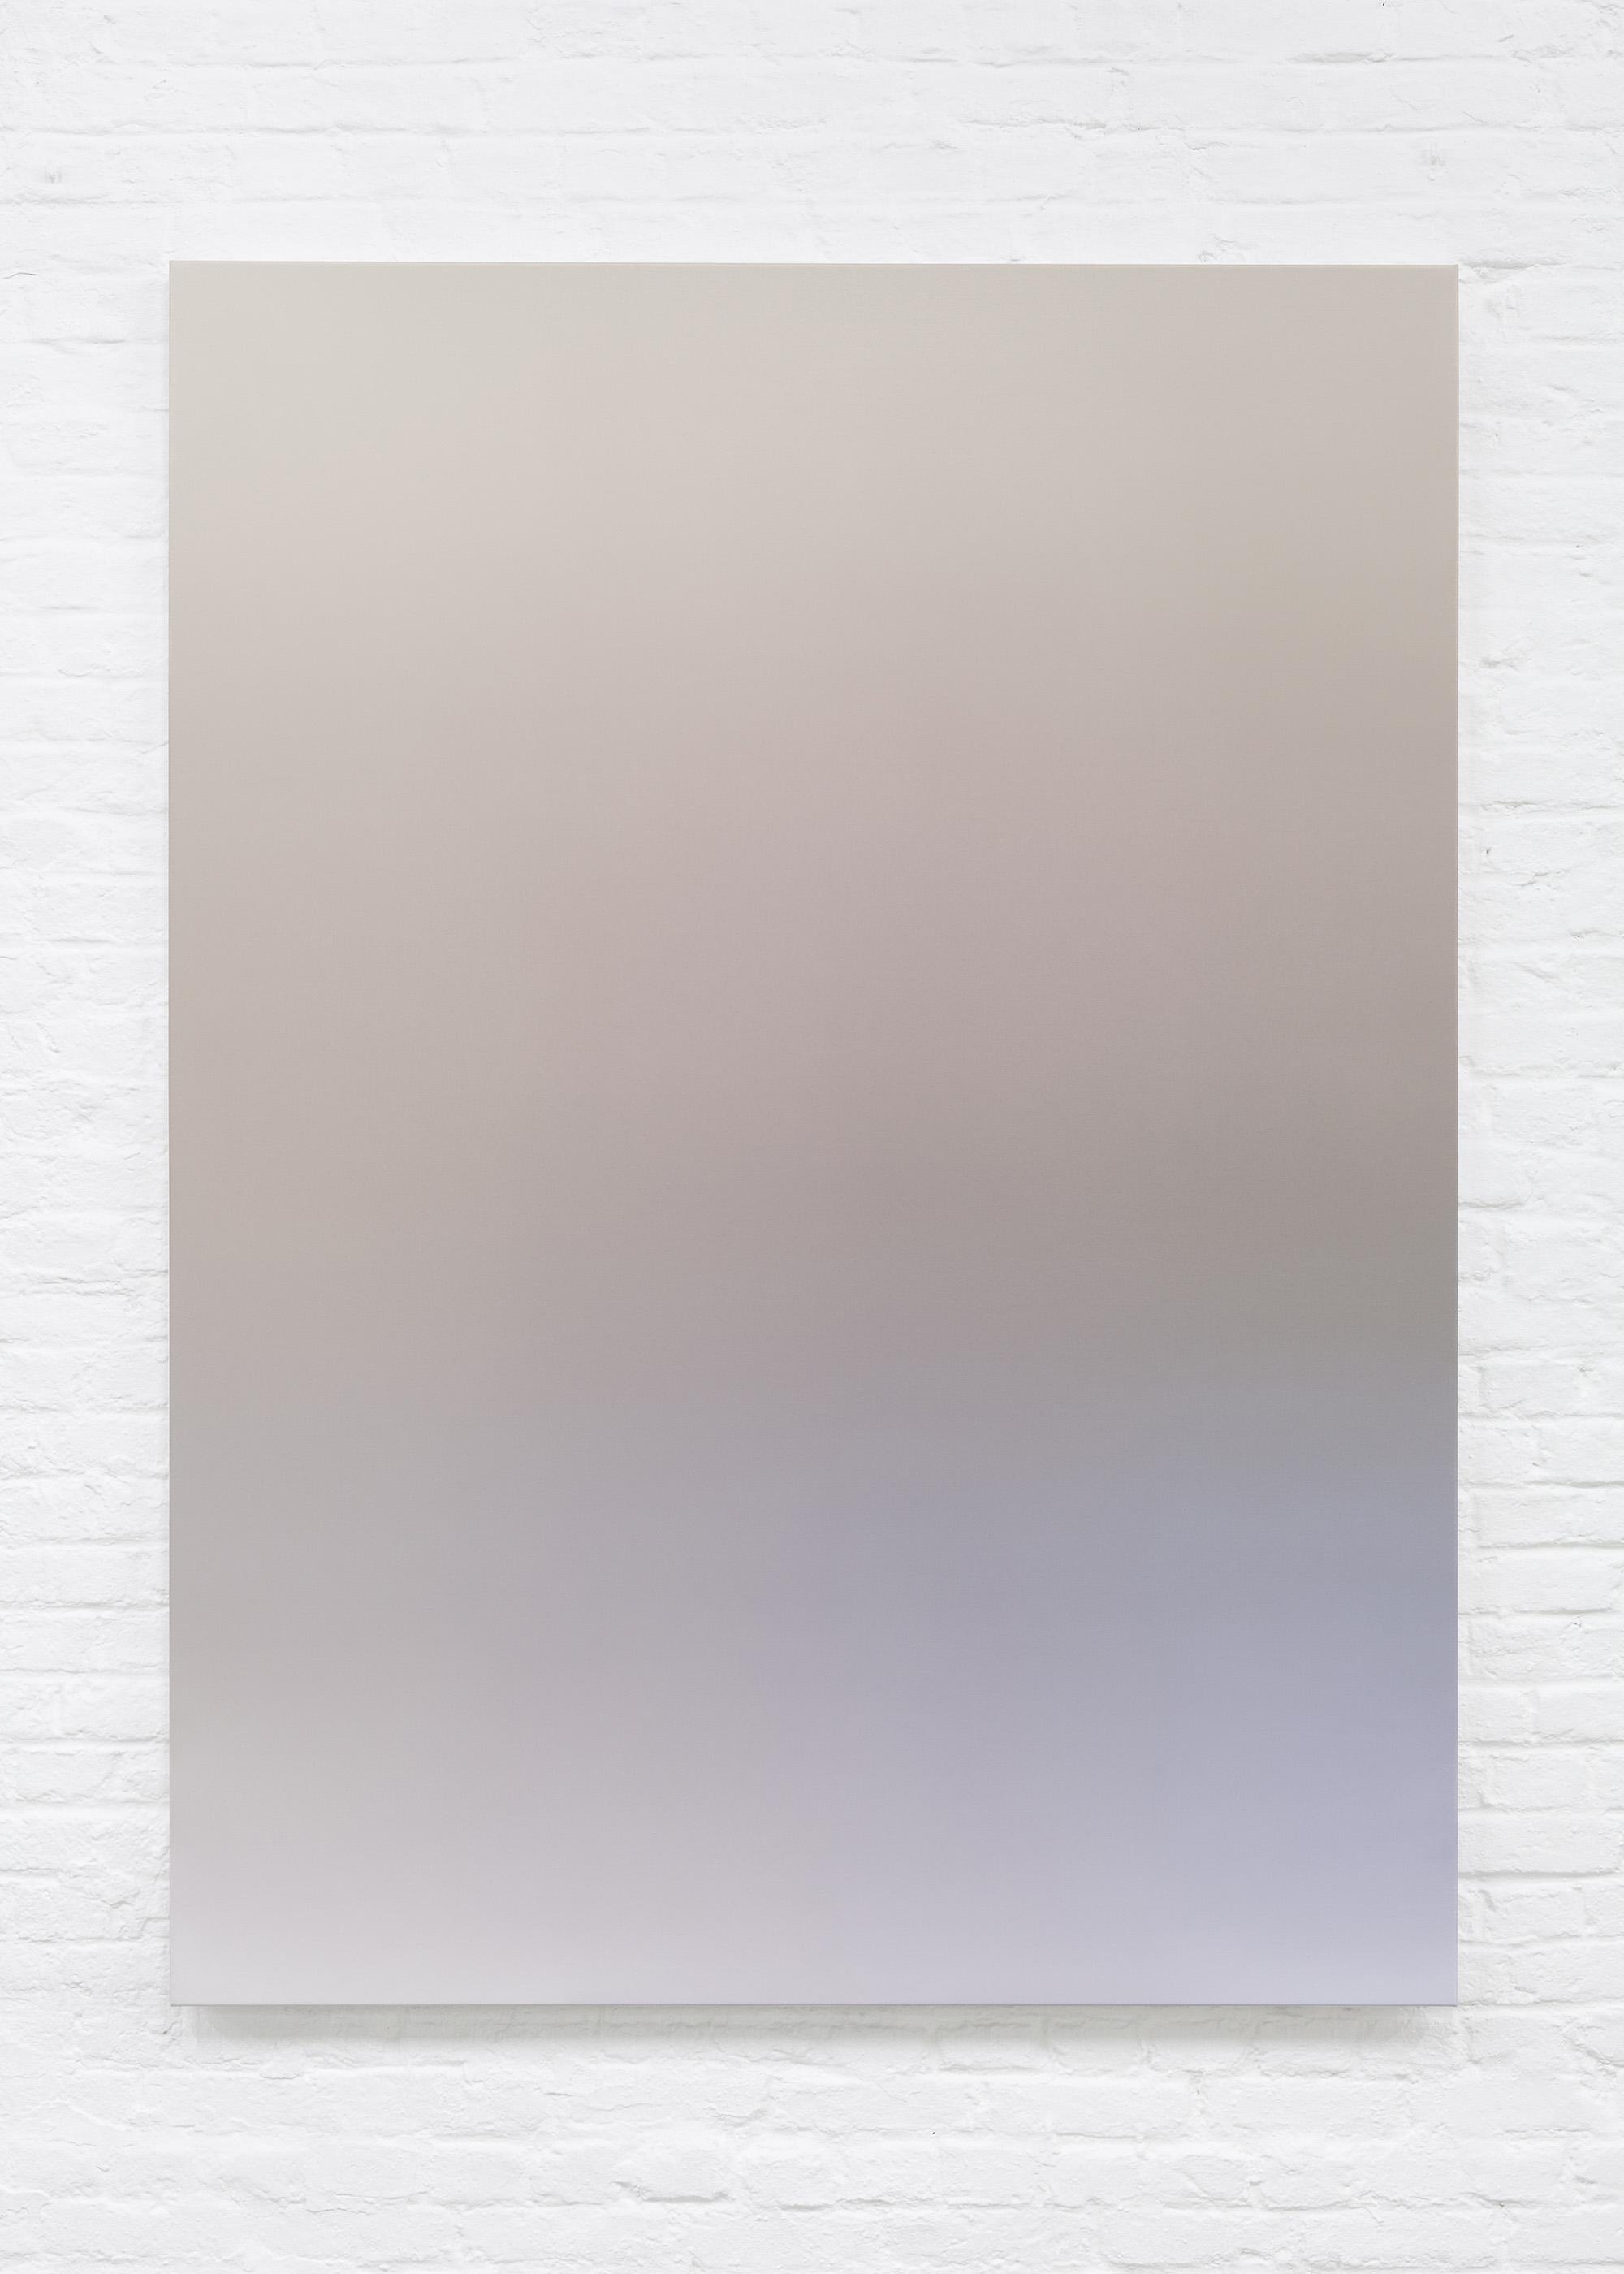 7 - Pieter Vermeersch at Carl Freedman Gallery London